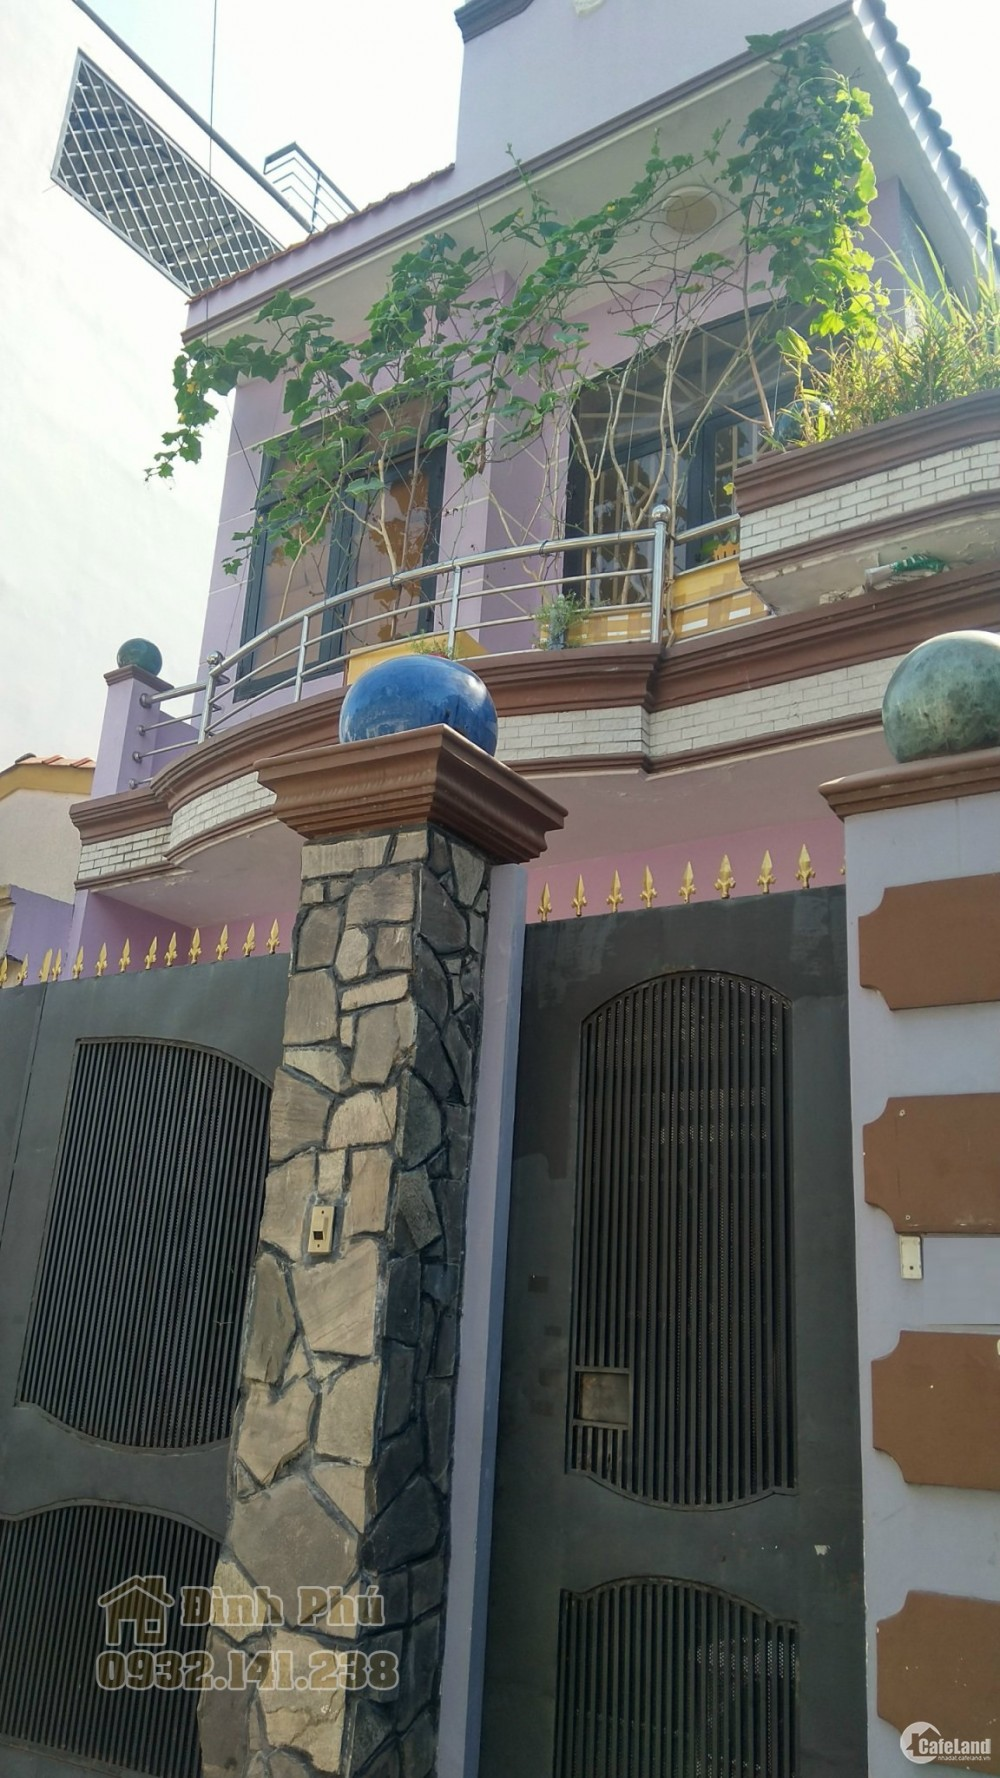 Bán nhà hẻm đường Lý Tuệ, phường Tân Quý, quận Tân Phú, DT: 5.5x19 Giá 6.5 Tỷ 1